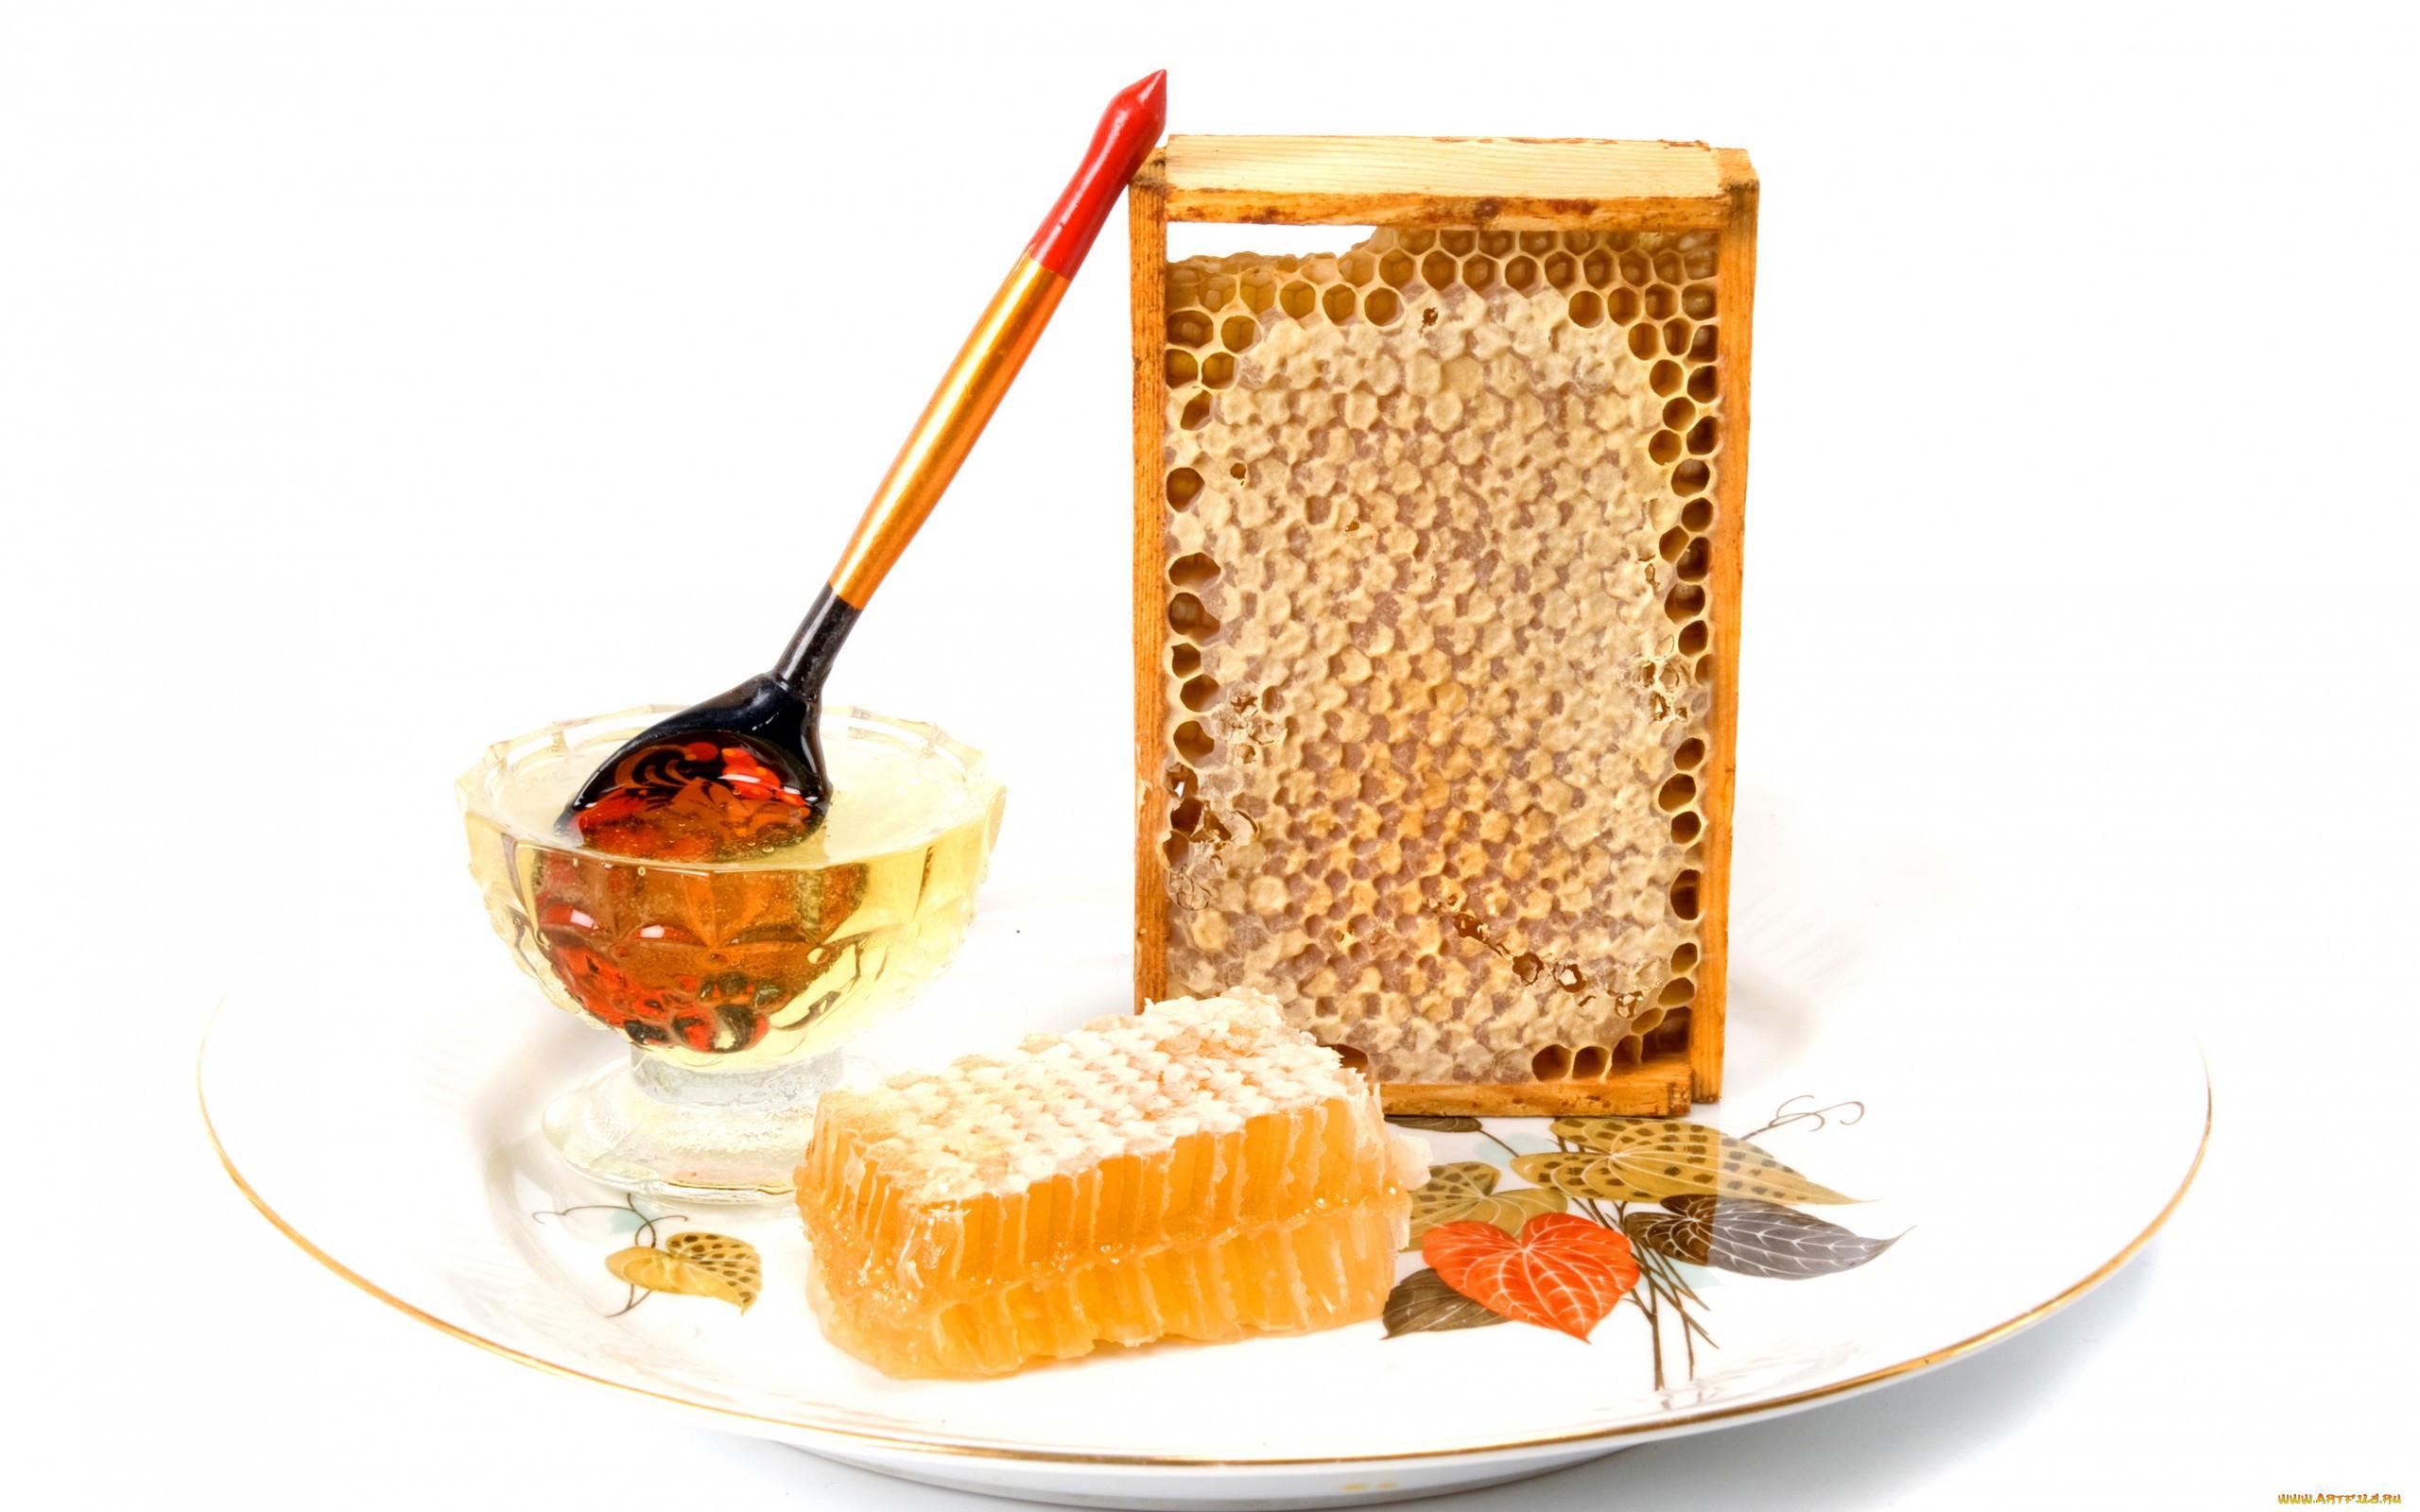 Соты в приграничных с медом на блюде - Стоковая фотография, высокое разрешение, большой размер, 300 DPI от...